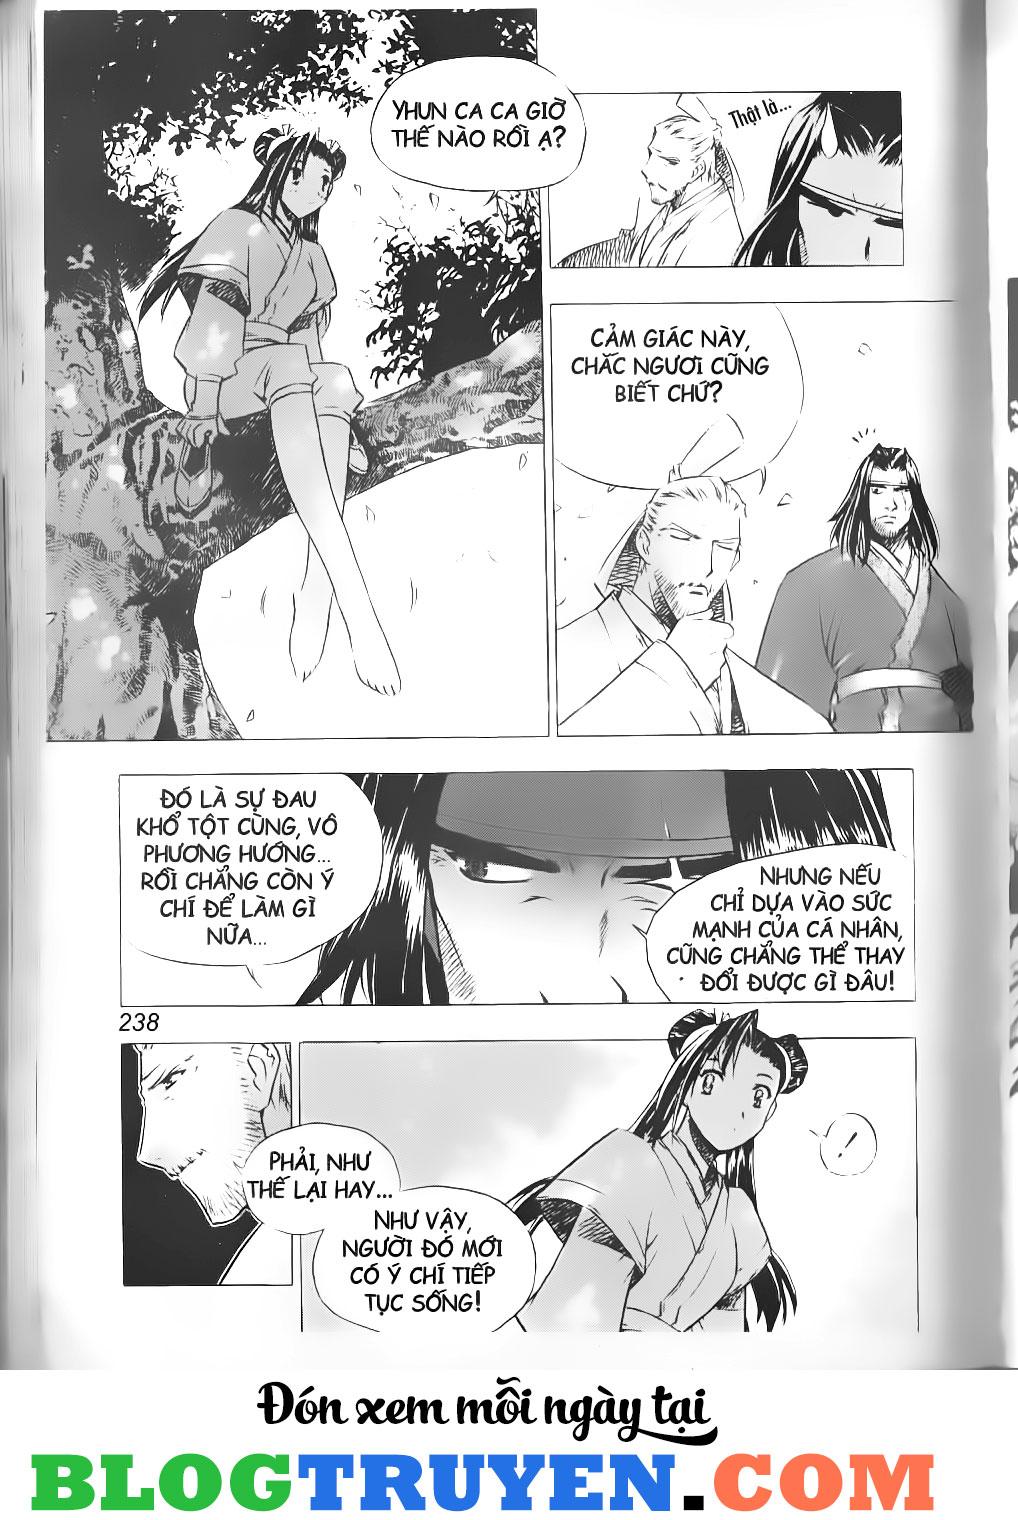 Thiên Lang Liệt Truyện chap 123 – Kết thúc Trang 7 - Mangak.info